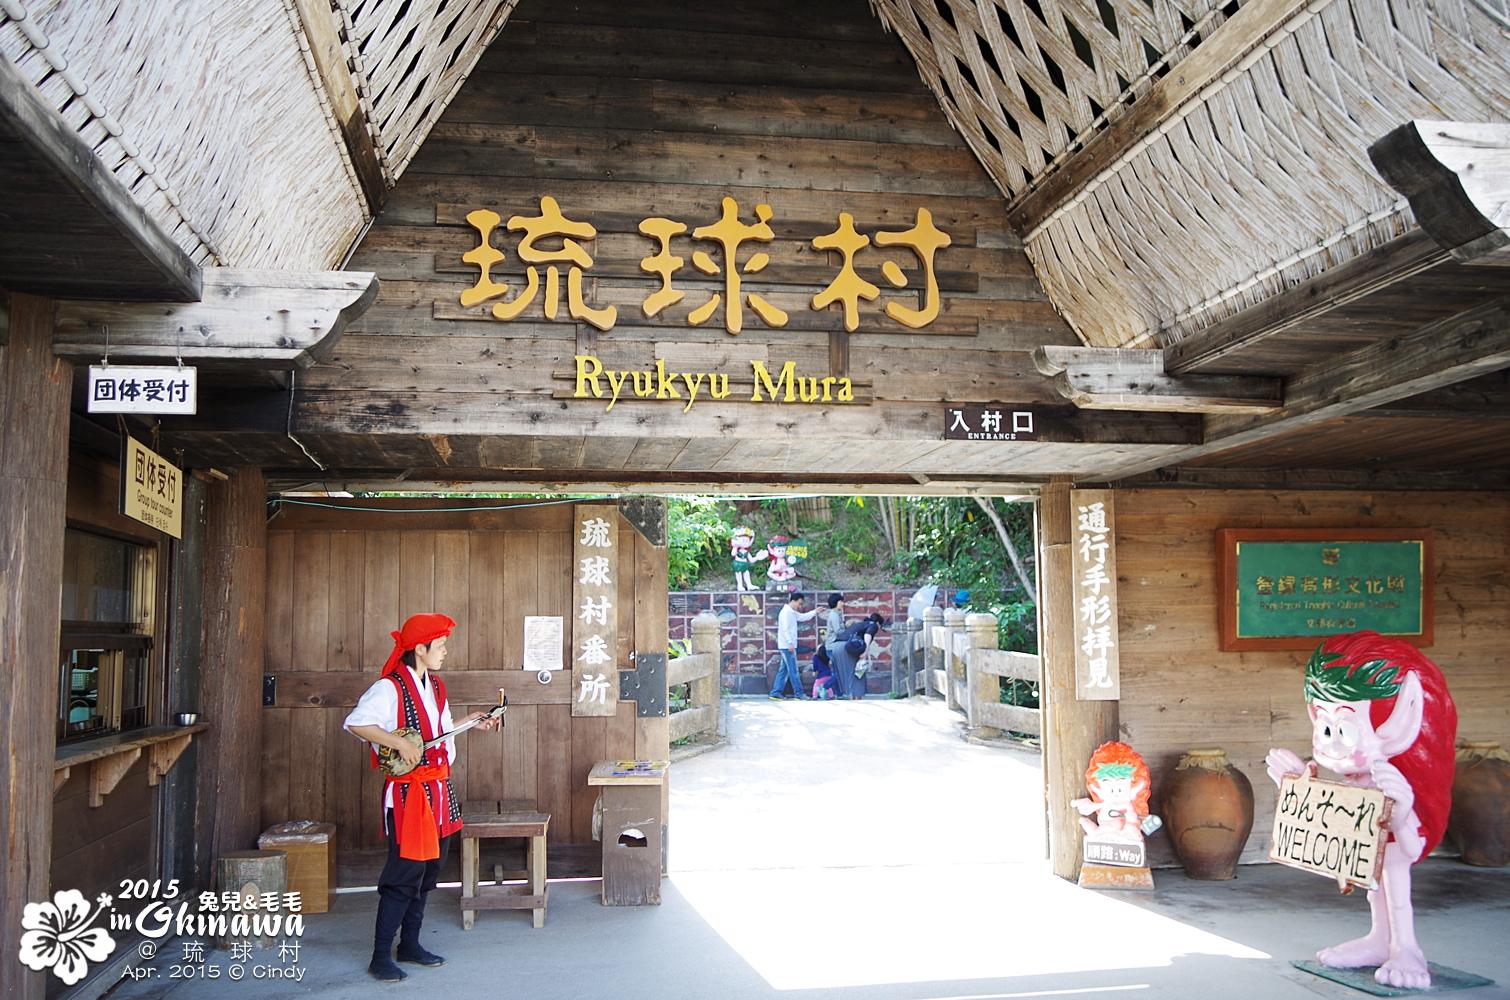 2015-0407-琉球村-10.jpg